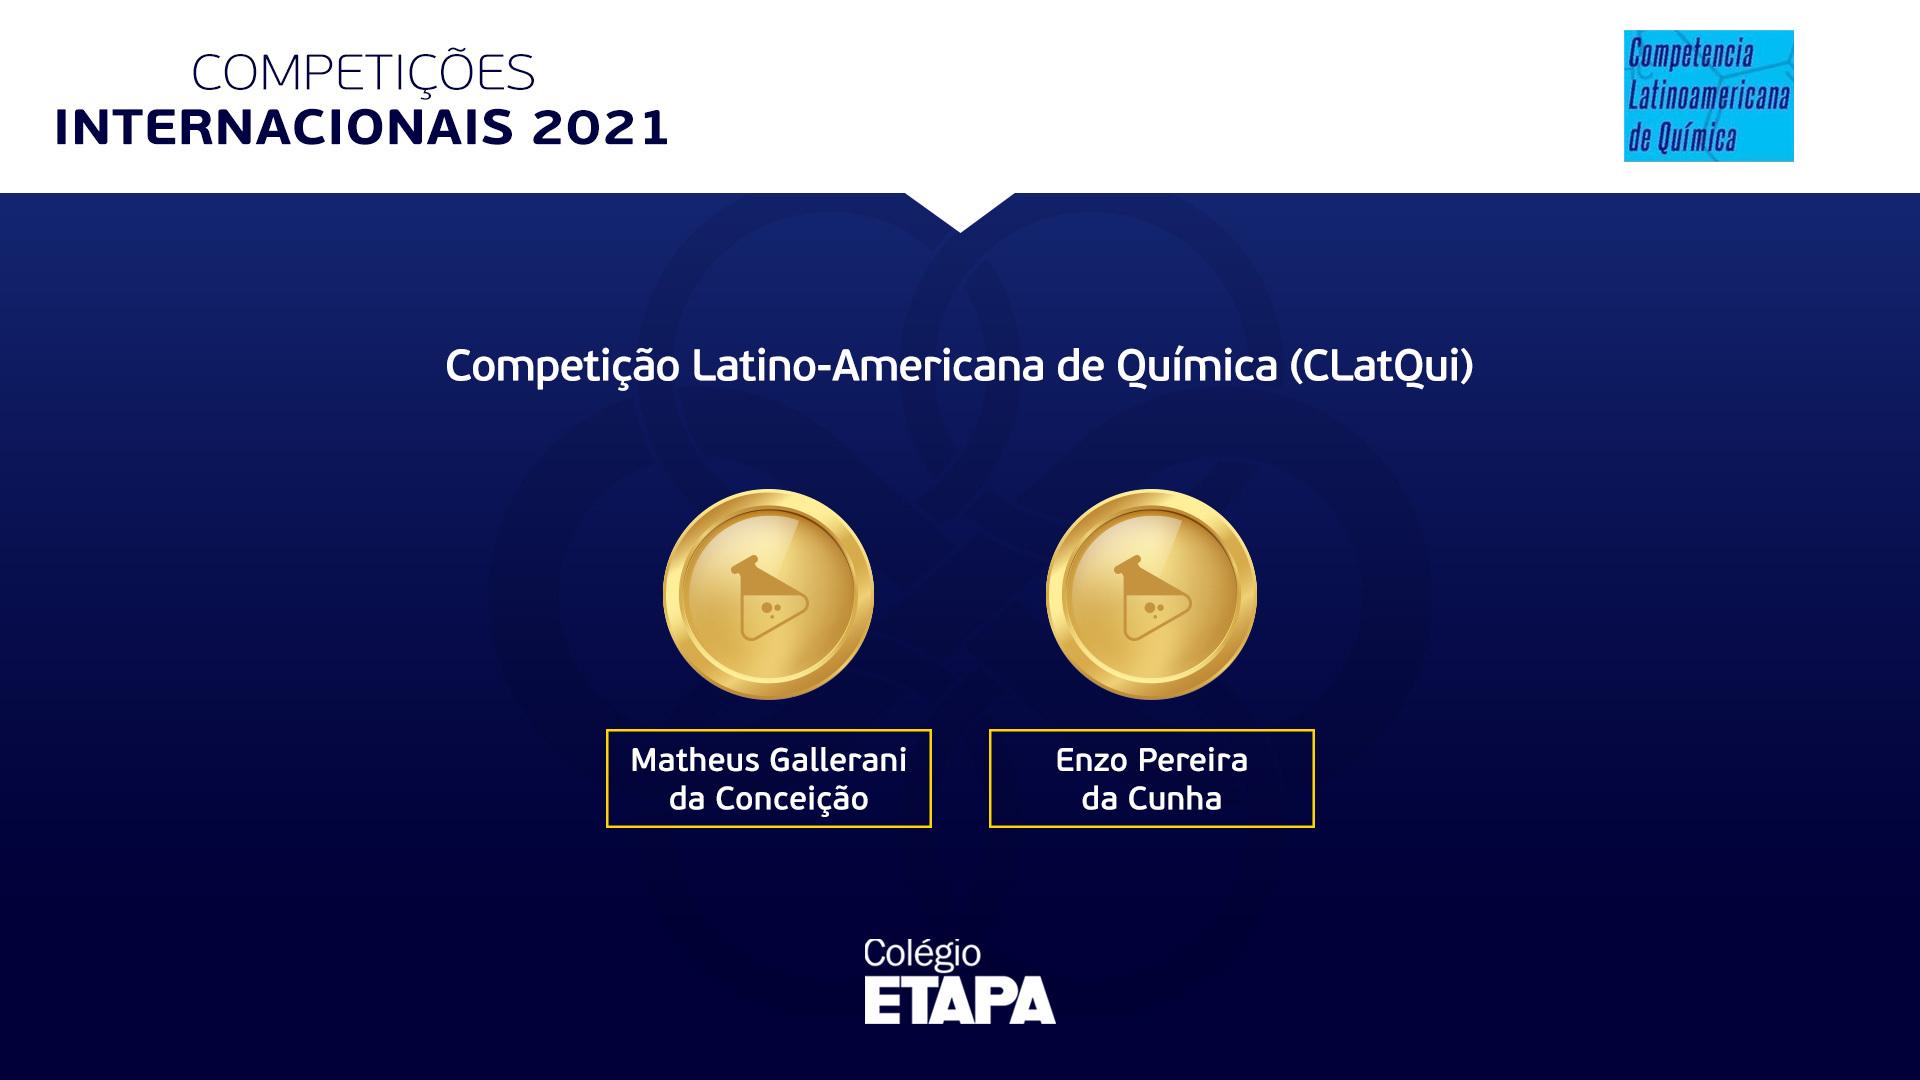 Matheus e Enzo conquistaram, respectivamente, o 1º e o 2º lugar na classificação geral do Nível Básico da CLatQui 2021.